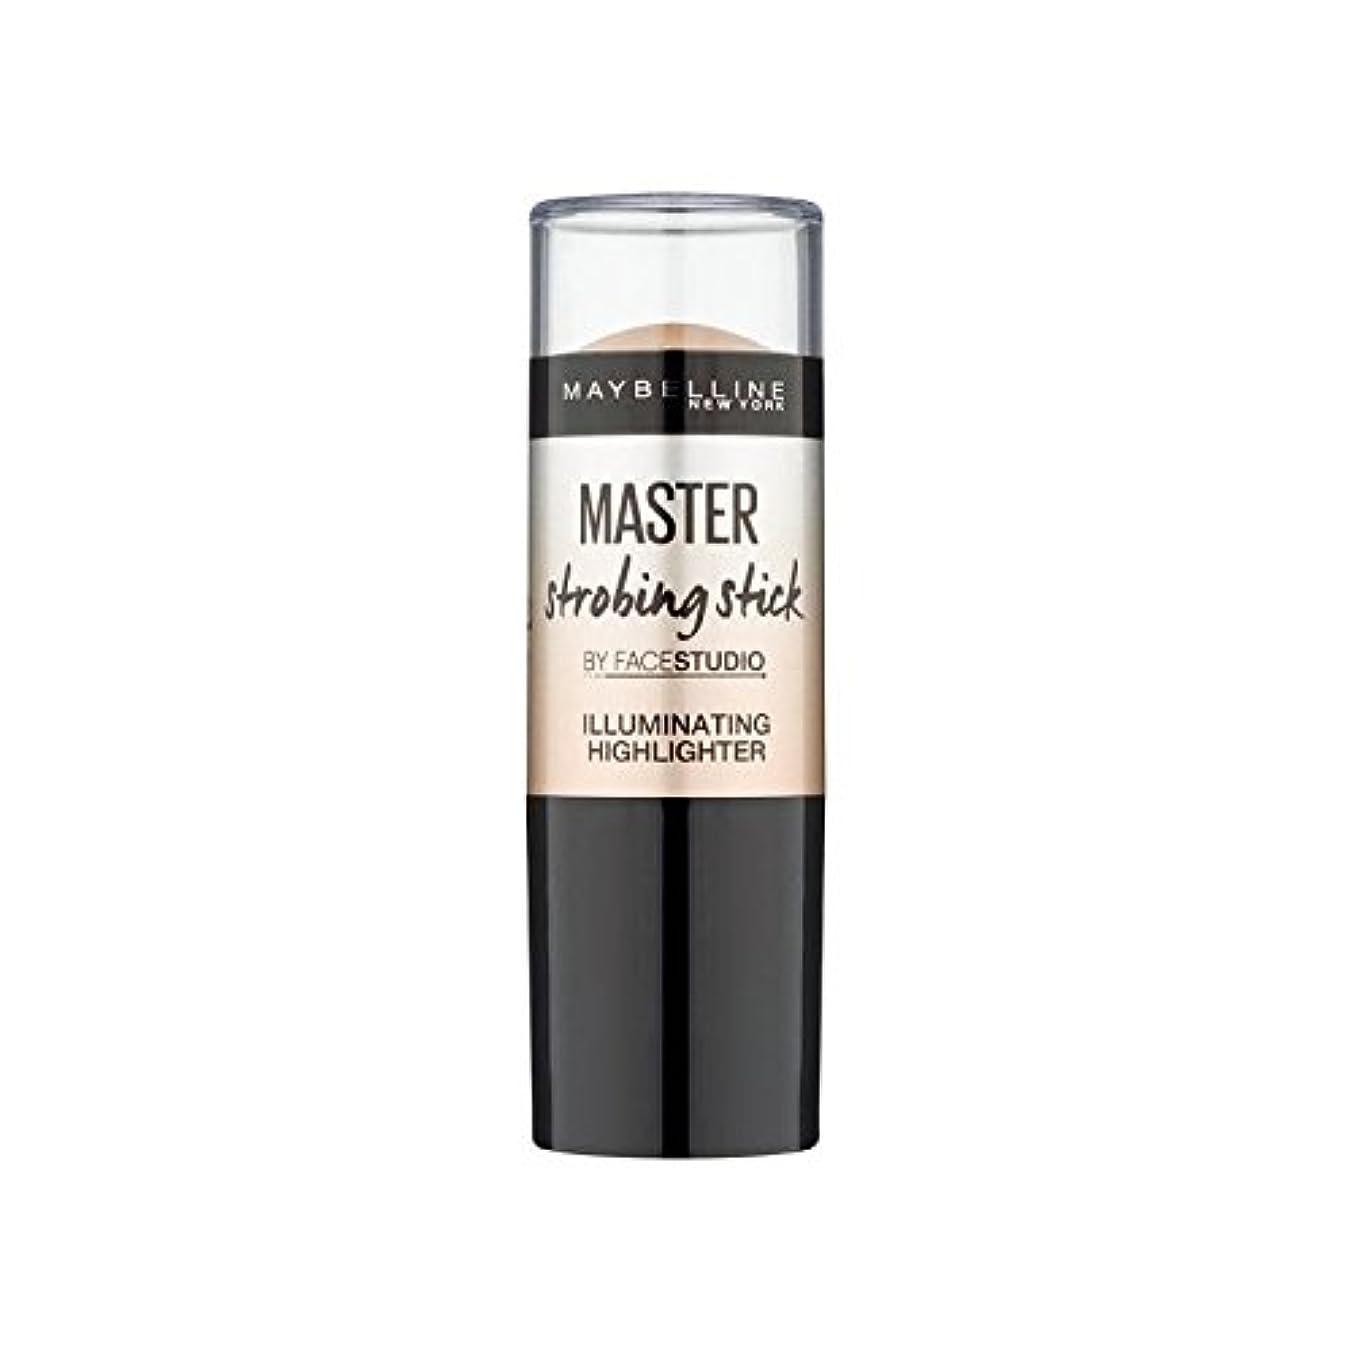 通行人悪性主婦メイベリンマスターストロボスティック媒体 x2 - Maybelline Master Strobing Stick Medium (Pack of 2) [並行輸入品]